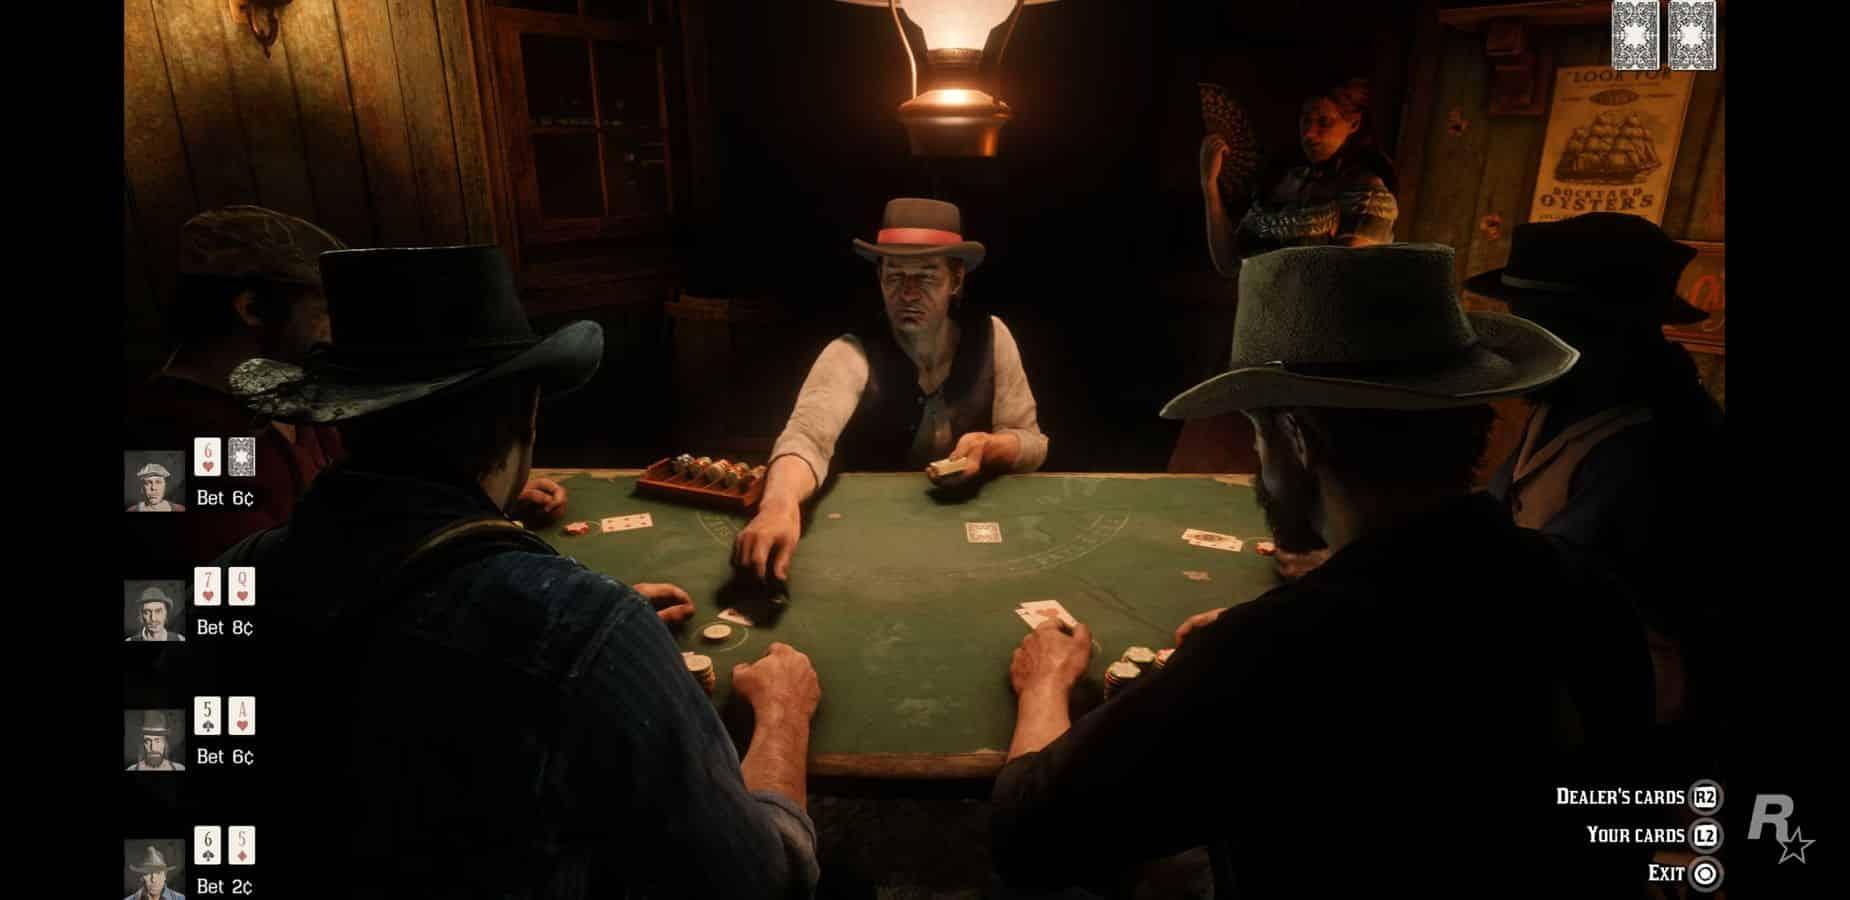 red dead redemption 2 blackjack